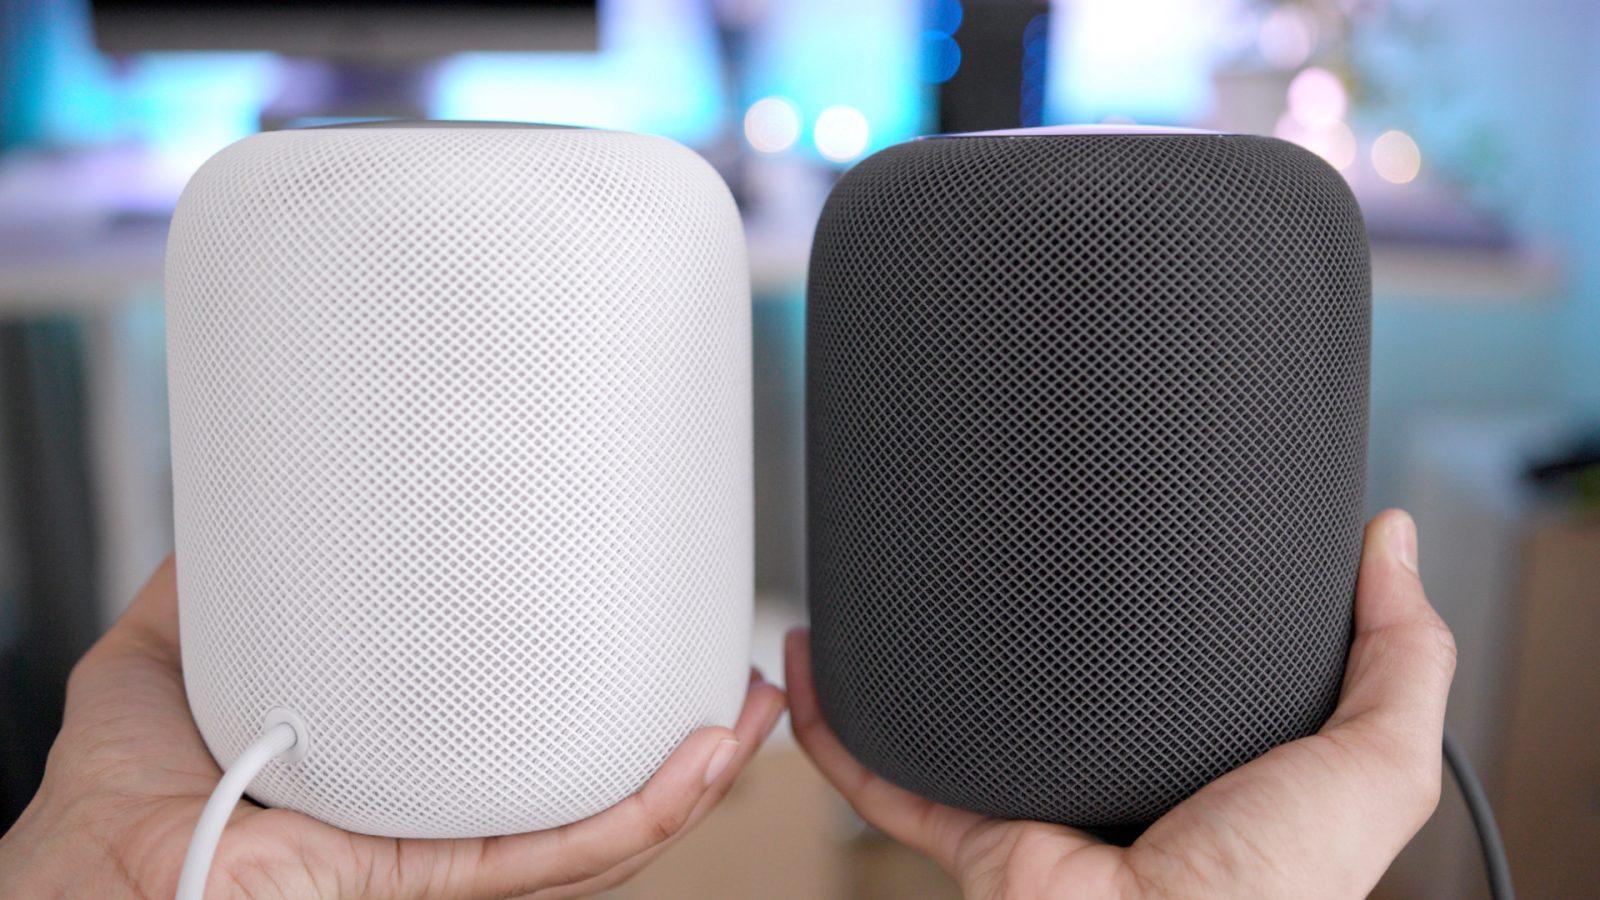 Tại sao Apple dừng sản xuất loa thông minh HomePod?